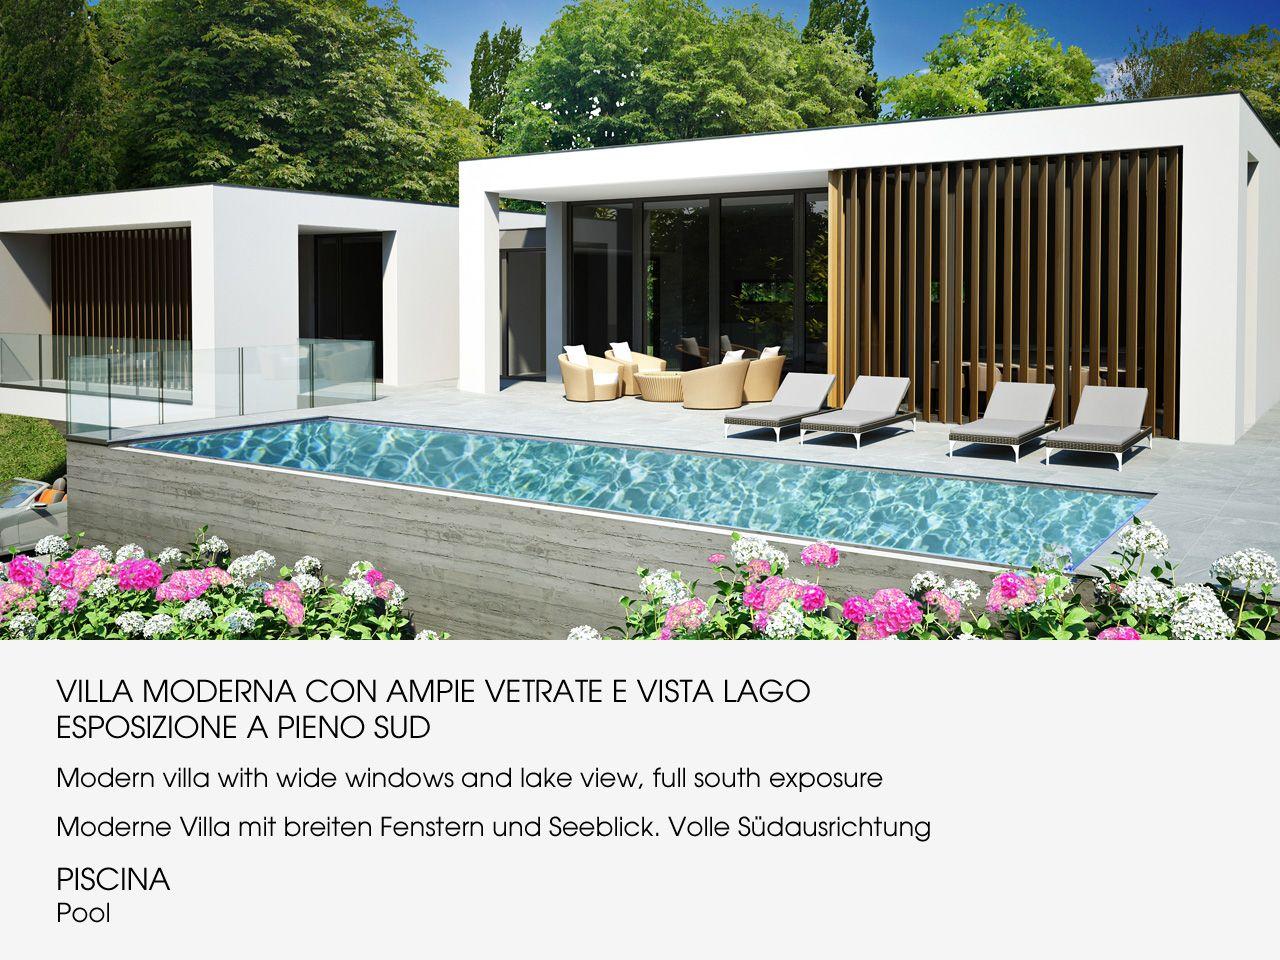 Arizzano villa moderna vista lago nuova con piscina for Disegni portico anteriore per case in stile ranch